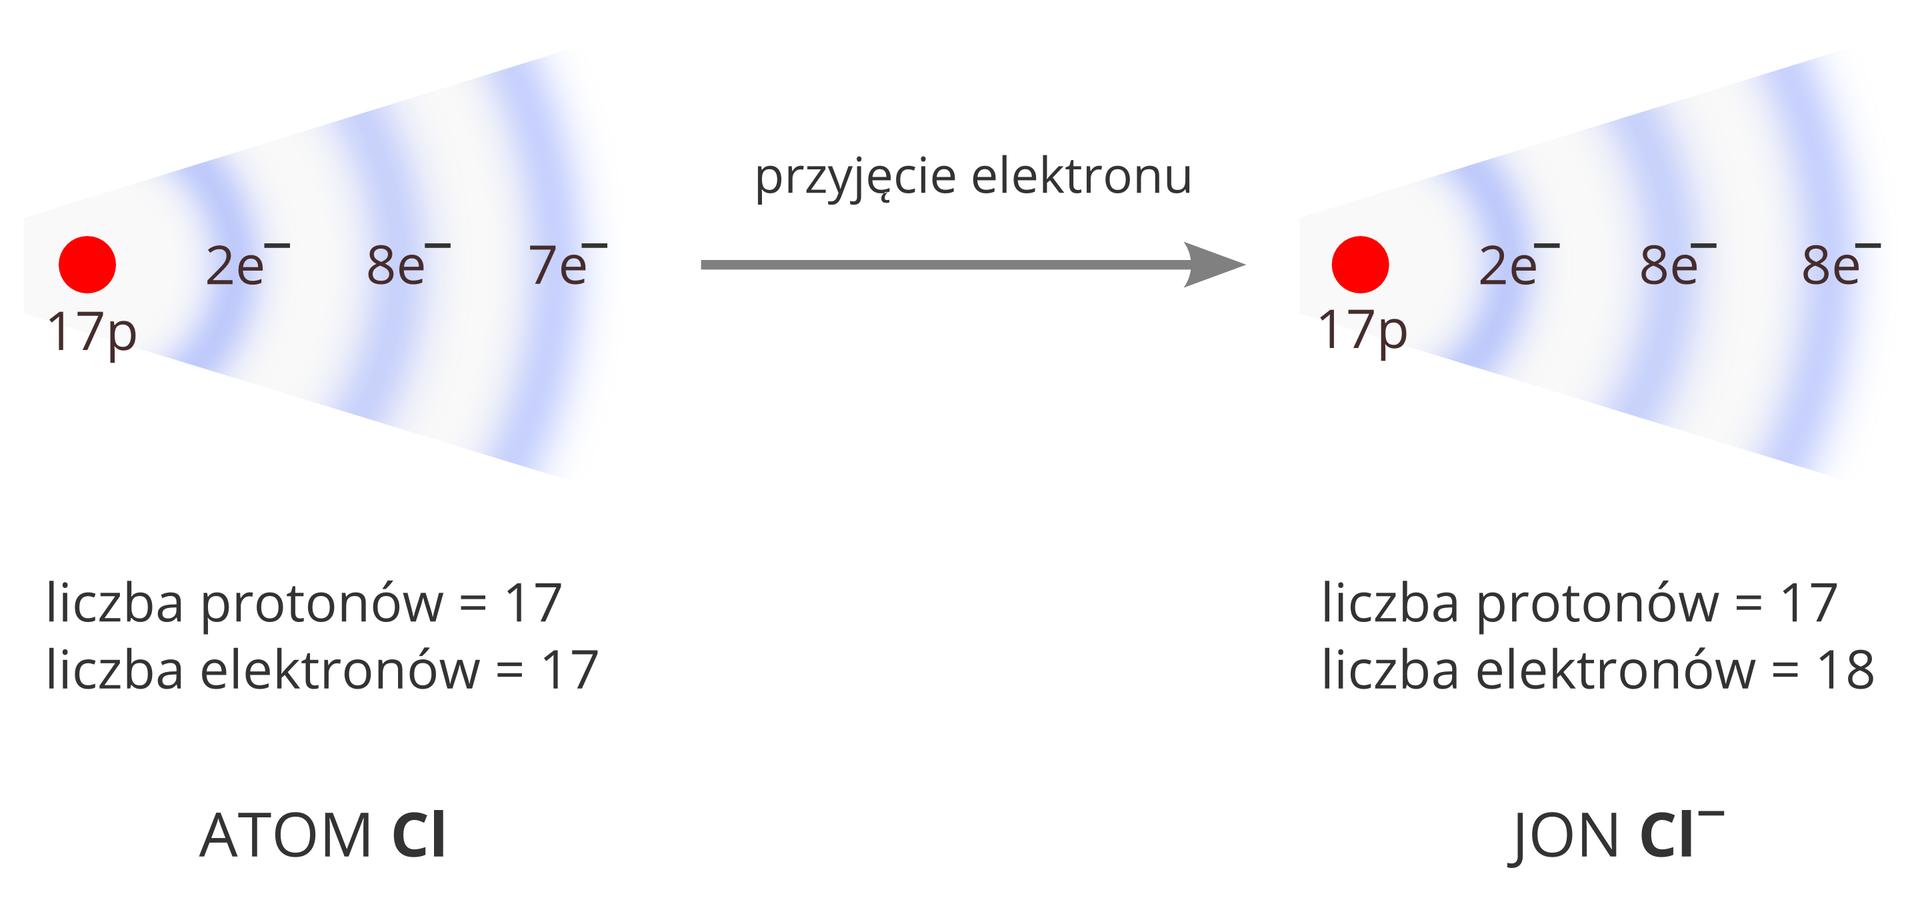 Schemat opisujący zmianę konfiguracji elektronowej atomu chloru podczas powstawania jonu. Po lewej stronie widoczny jest rysunek przedstawiający jądro atomu chloru wpostaci czerwonego koła podpisanego 17p oraz towarzyszącego mu biało-fioletowego wachlarza ilustrującego obecność trzech powłok elektronowych. Opisana jest też ich zawartość: 2 elektrony na pierwszej powłoce, 8 elektronów na drugiej powłoce isiedem elektronów na trzeciej powłoce. Rysunek podpisany jest następująco: liczba protonów równa 17, liczba elektronów równa 17. Atom Cl. Lewą stronę schematu zprawą łączy strzałka skierowana wprawo opisana przyjęcie elektronu. Po prawej stronie ponownie widoczny jest rysunek przedstawiający strukturę atomu chloru ztrzema powłokami elektronowymi mającymi kolejno dwa, osiem iosiem elektronów. Rysunek podpisany jest następująco: liczba protonów równa 17, liczba elektronów równa 18. Jon Cl-.